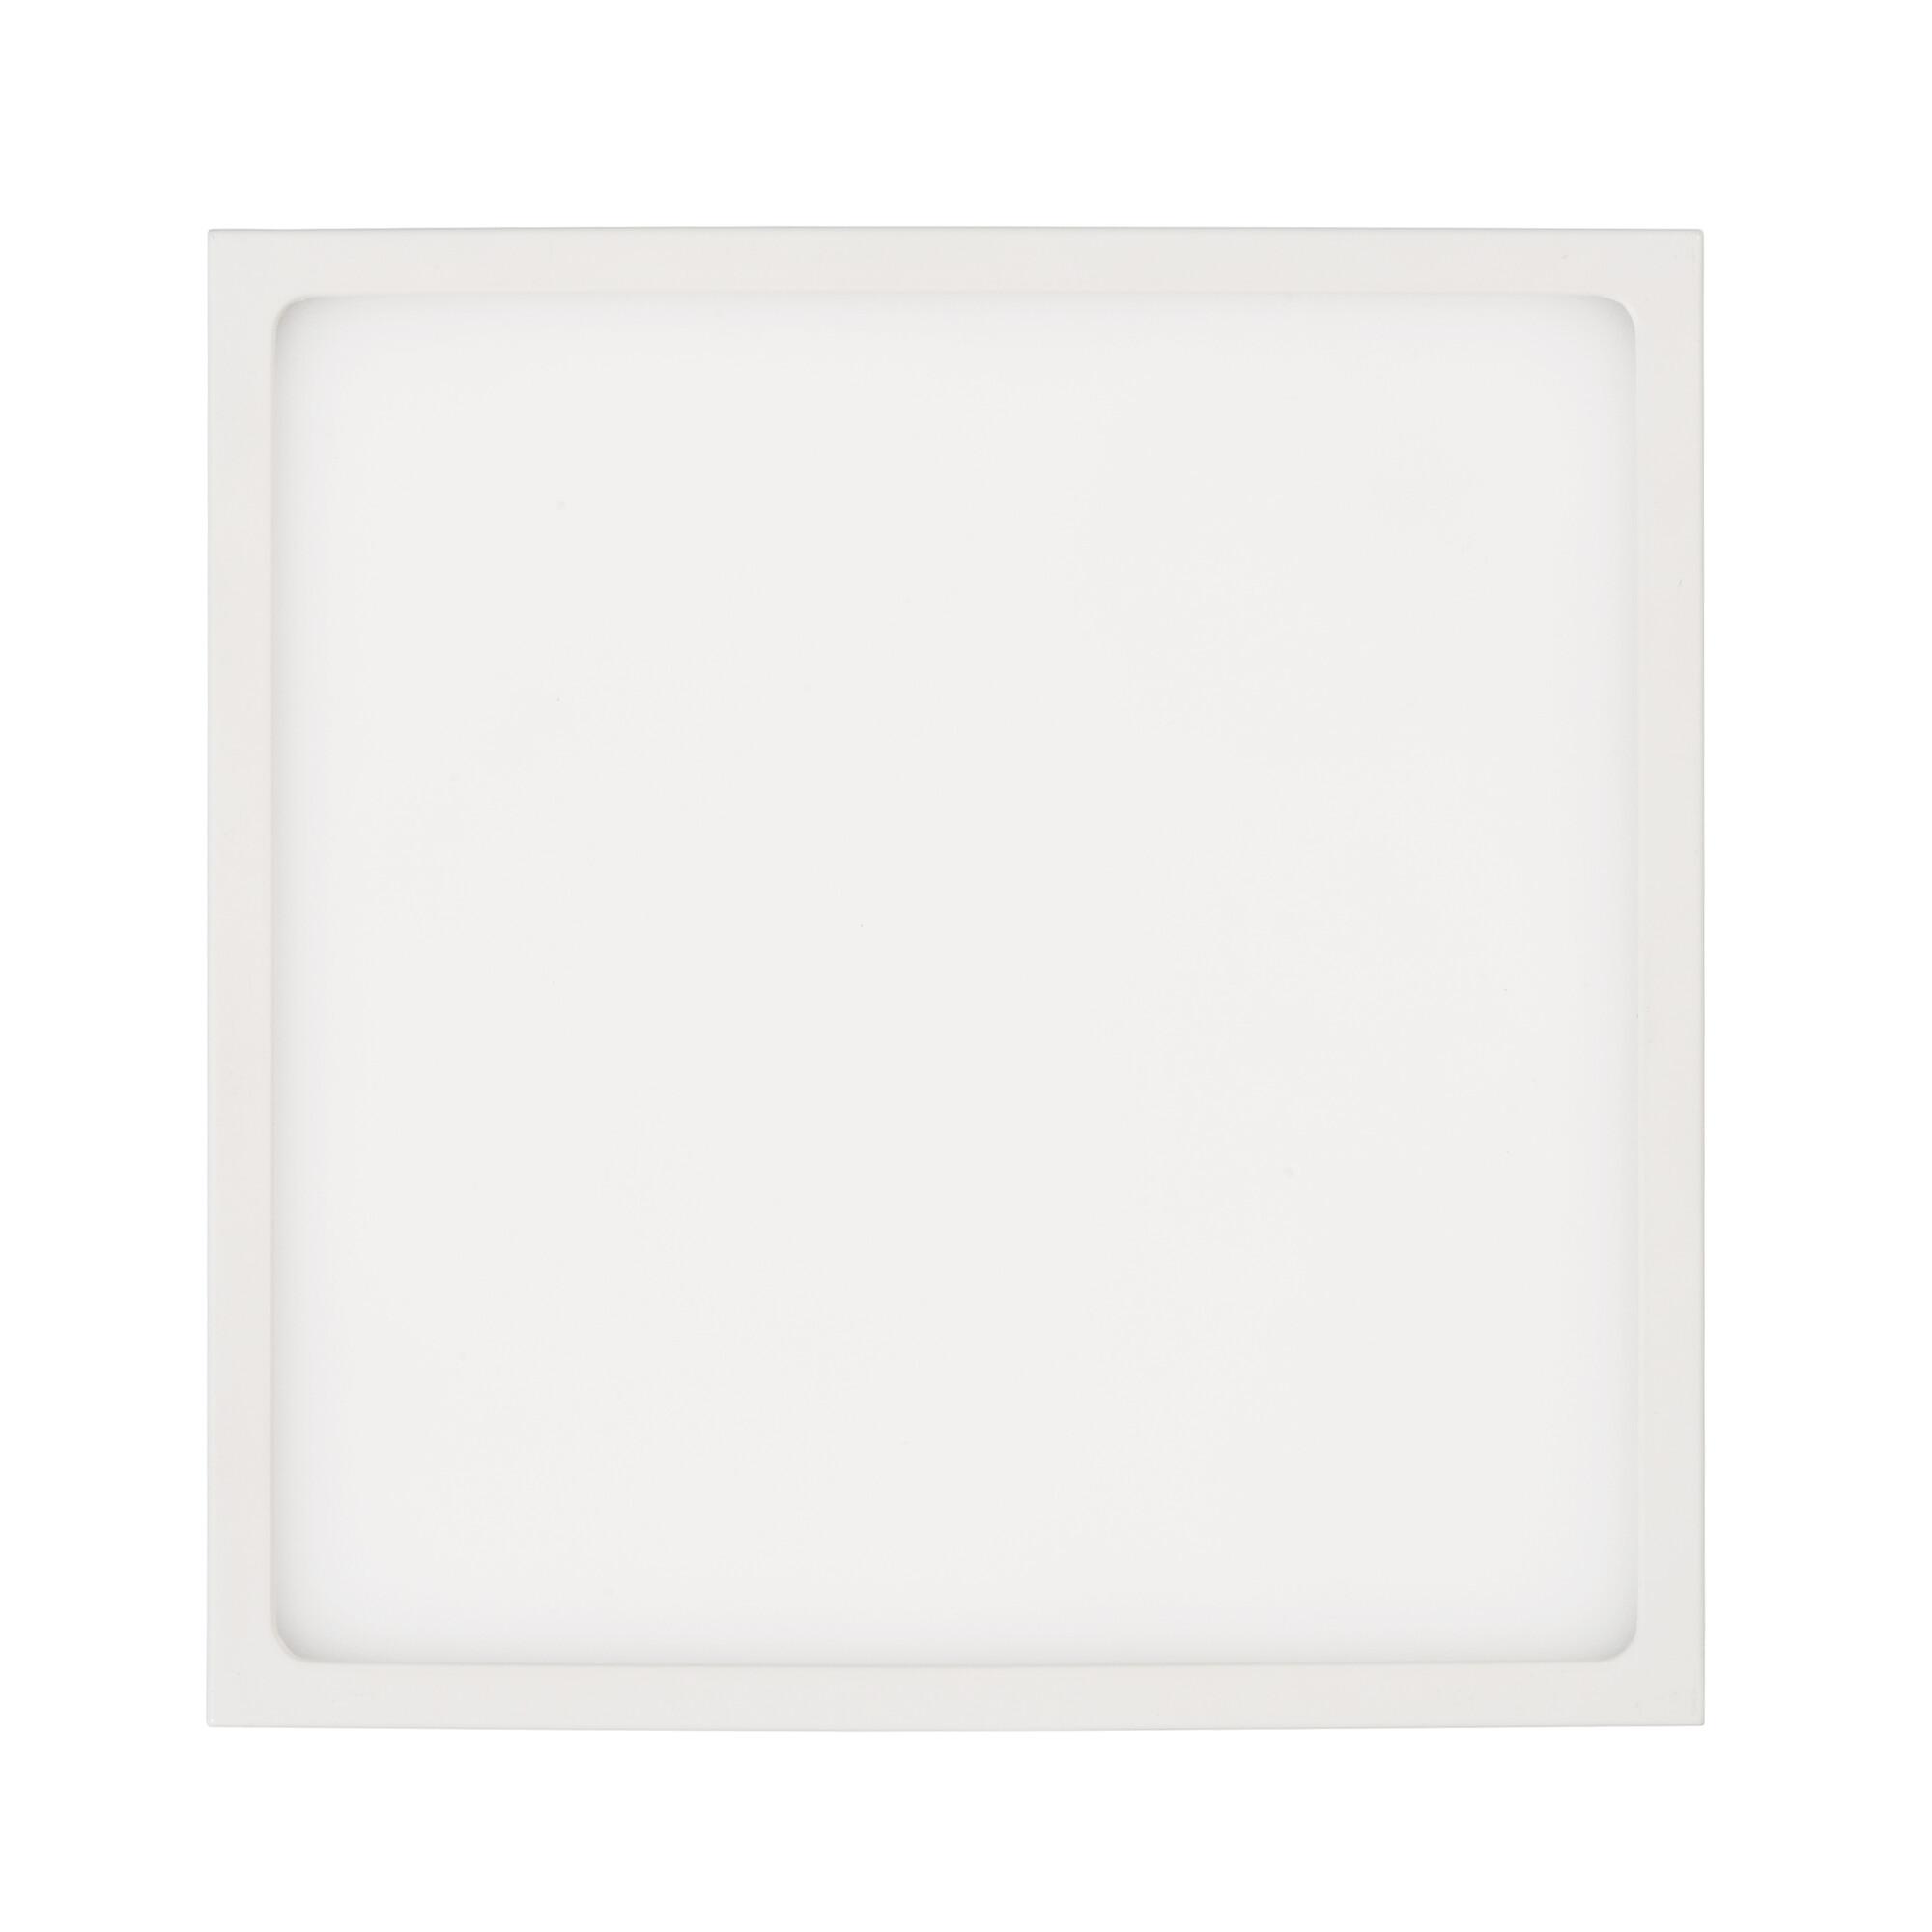 ROKU Plafondlamp LED 1x18W/1450lm Wit